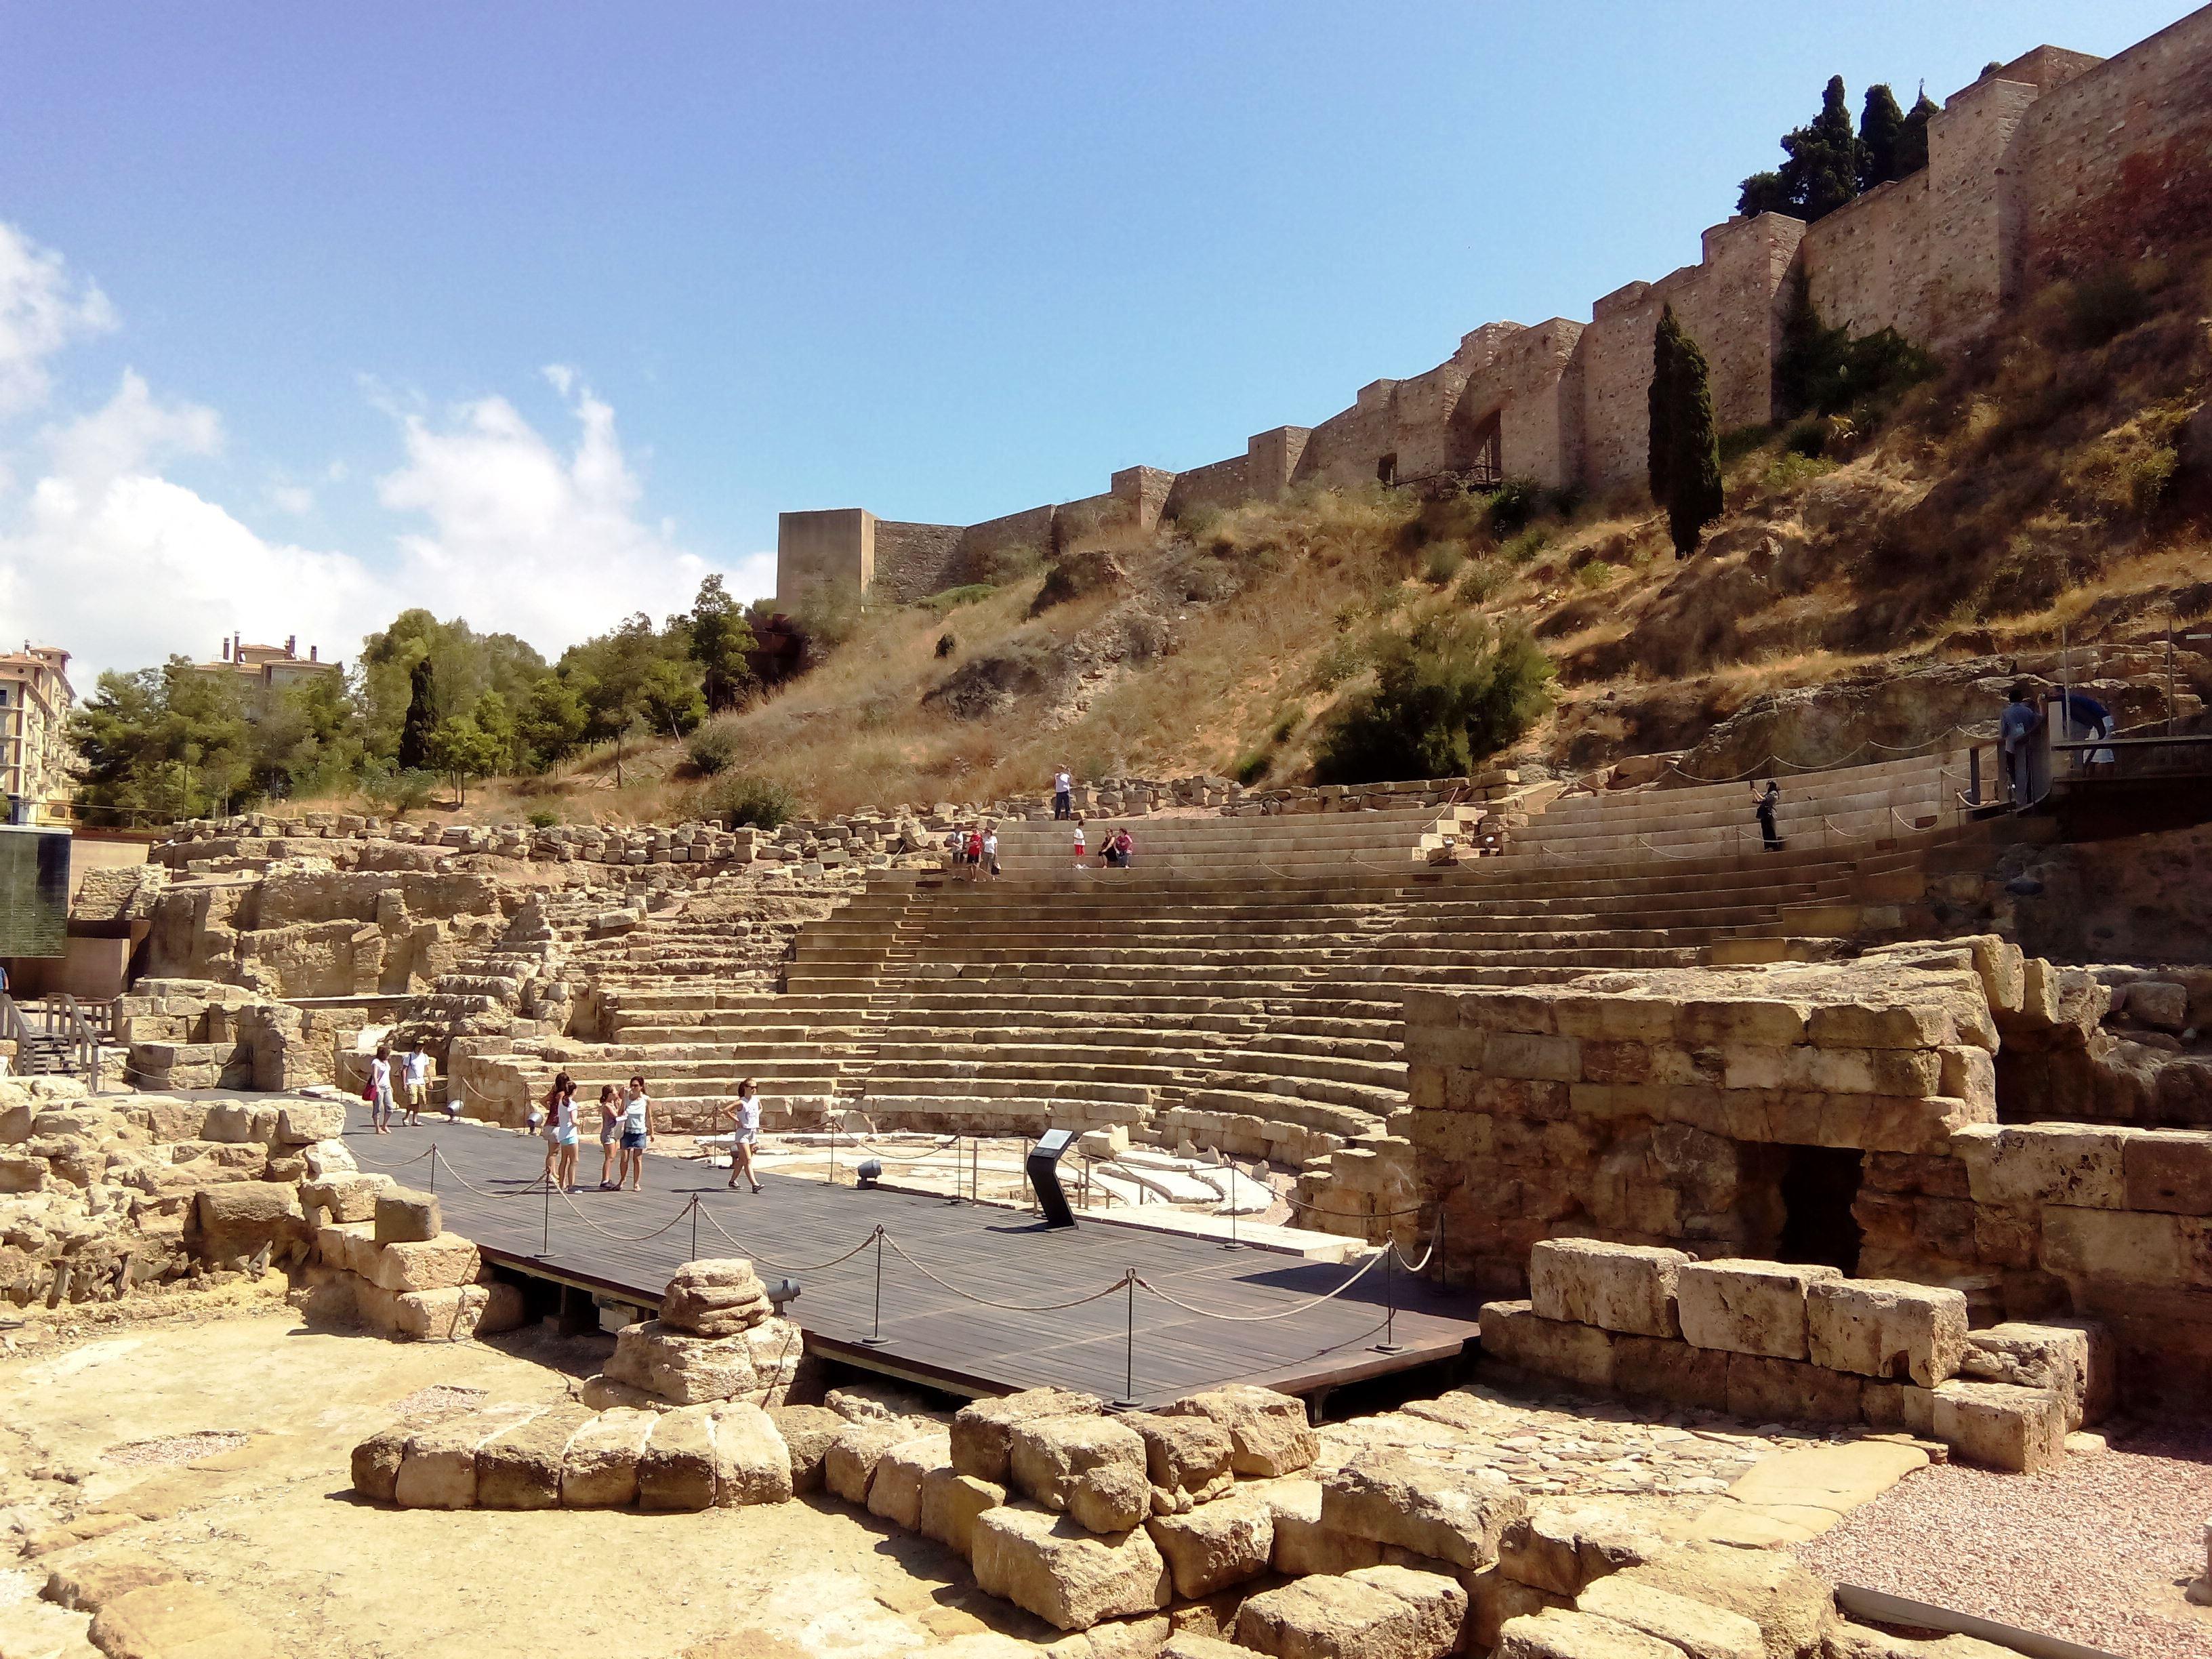 malaga_teatro-romano_andalusia_andalucia_cosa-vedere_consigli_tour_viaggio_vacanza